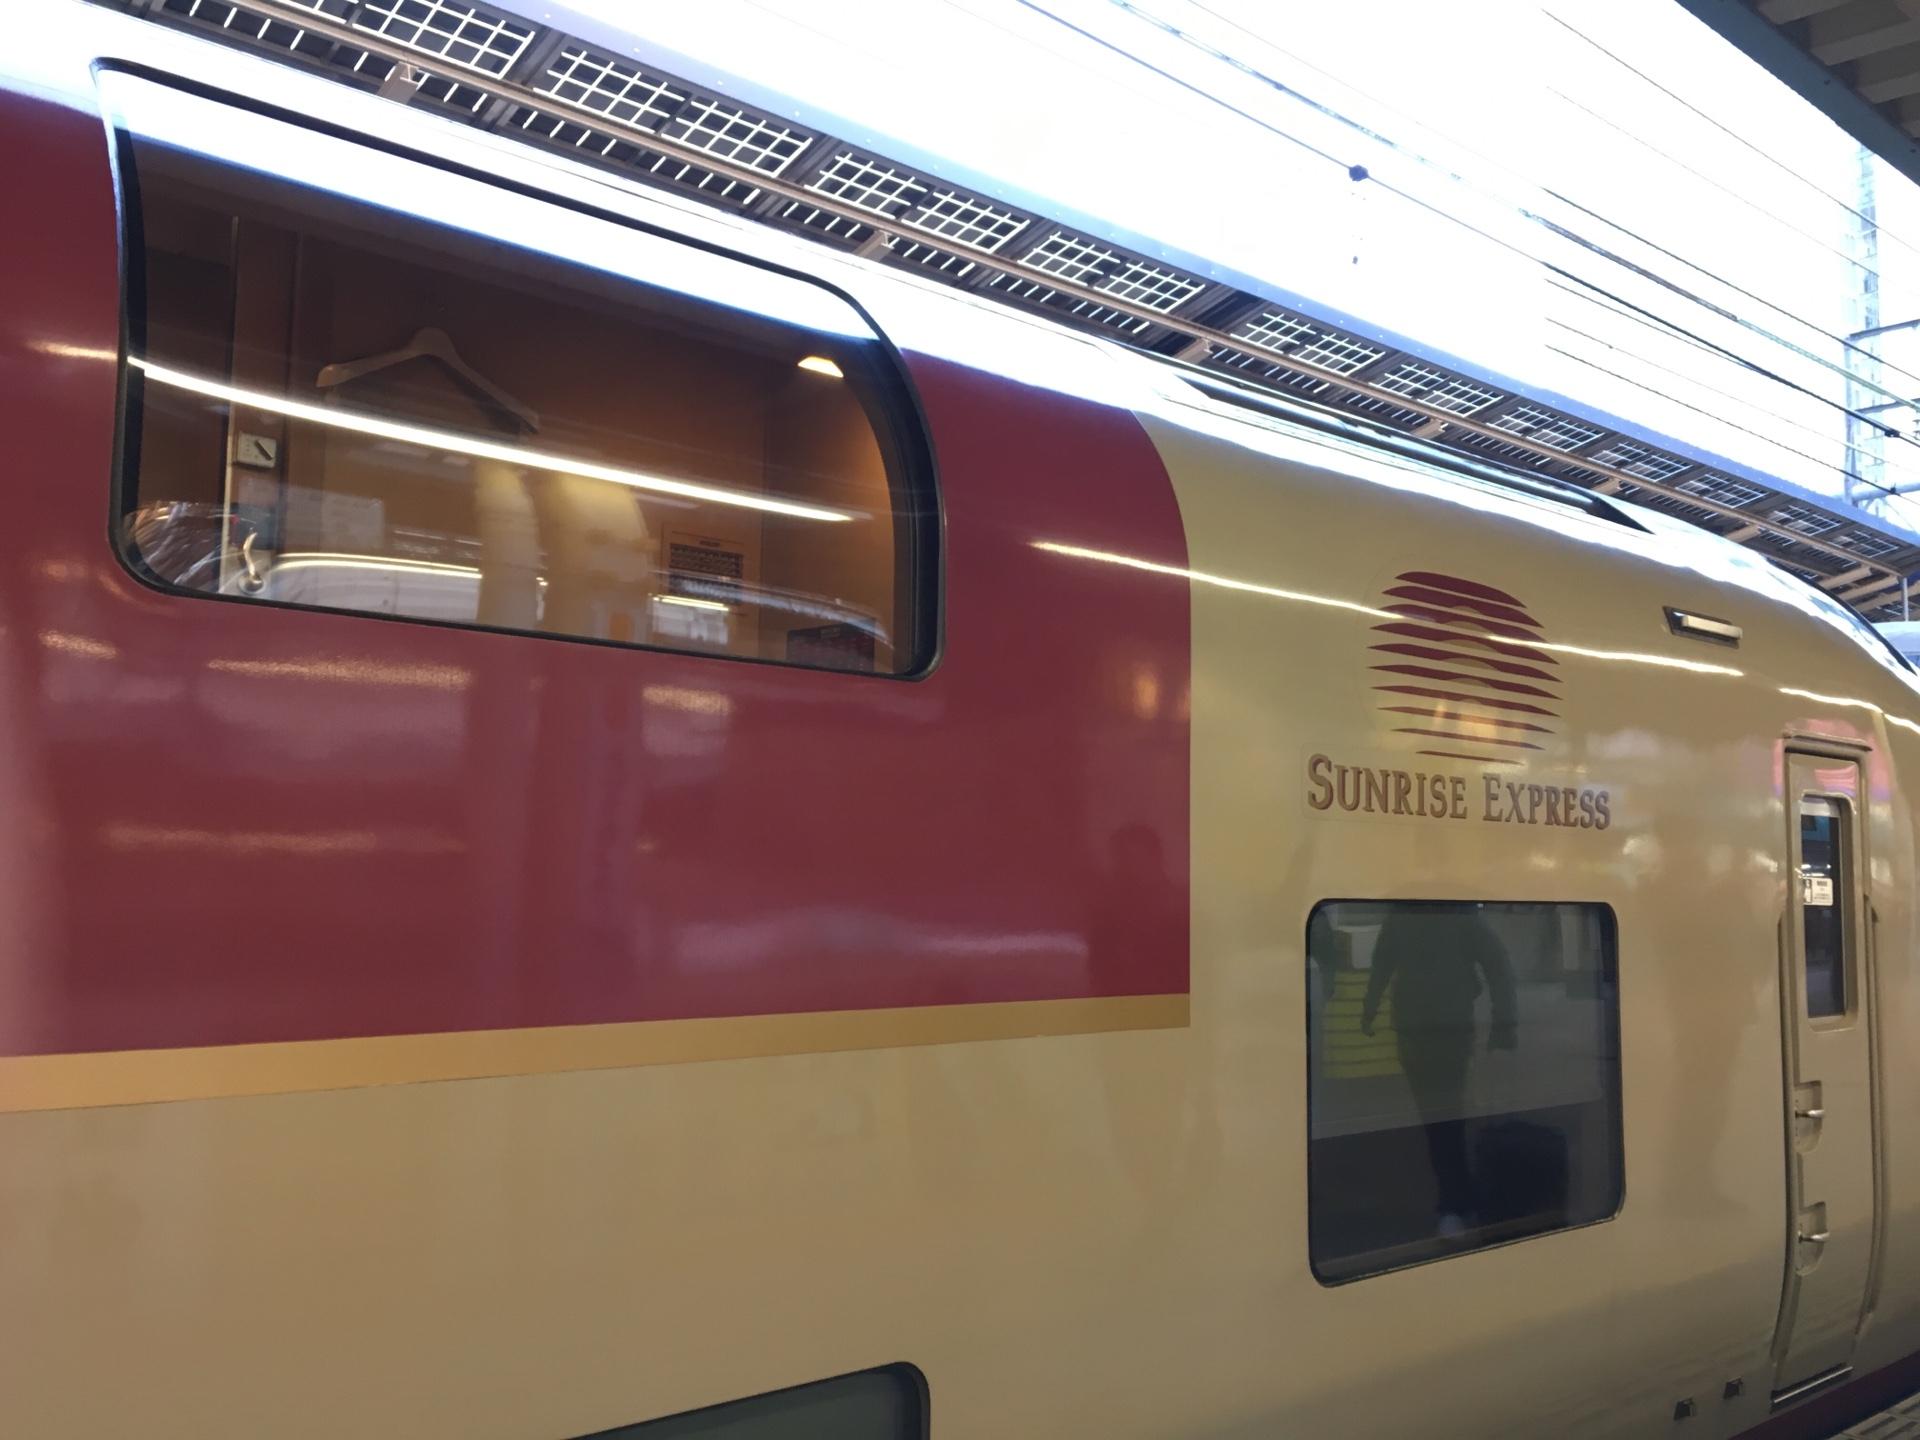 【スーツさんの別荘?】寝台特急サンライズ号に乗車 大阪→東京